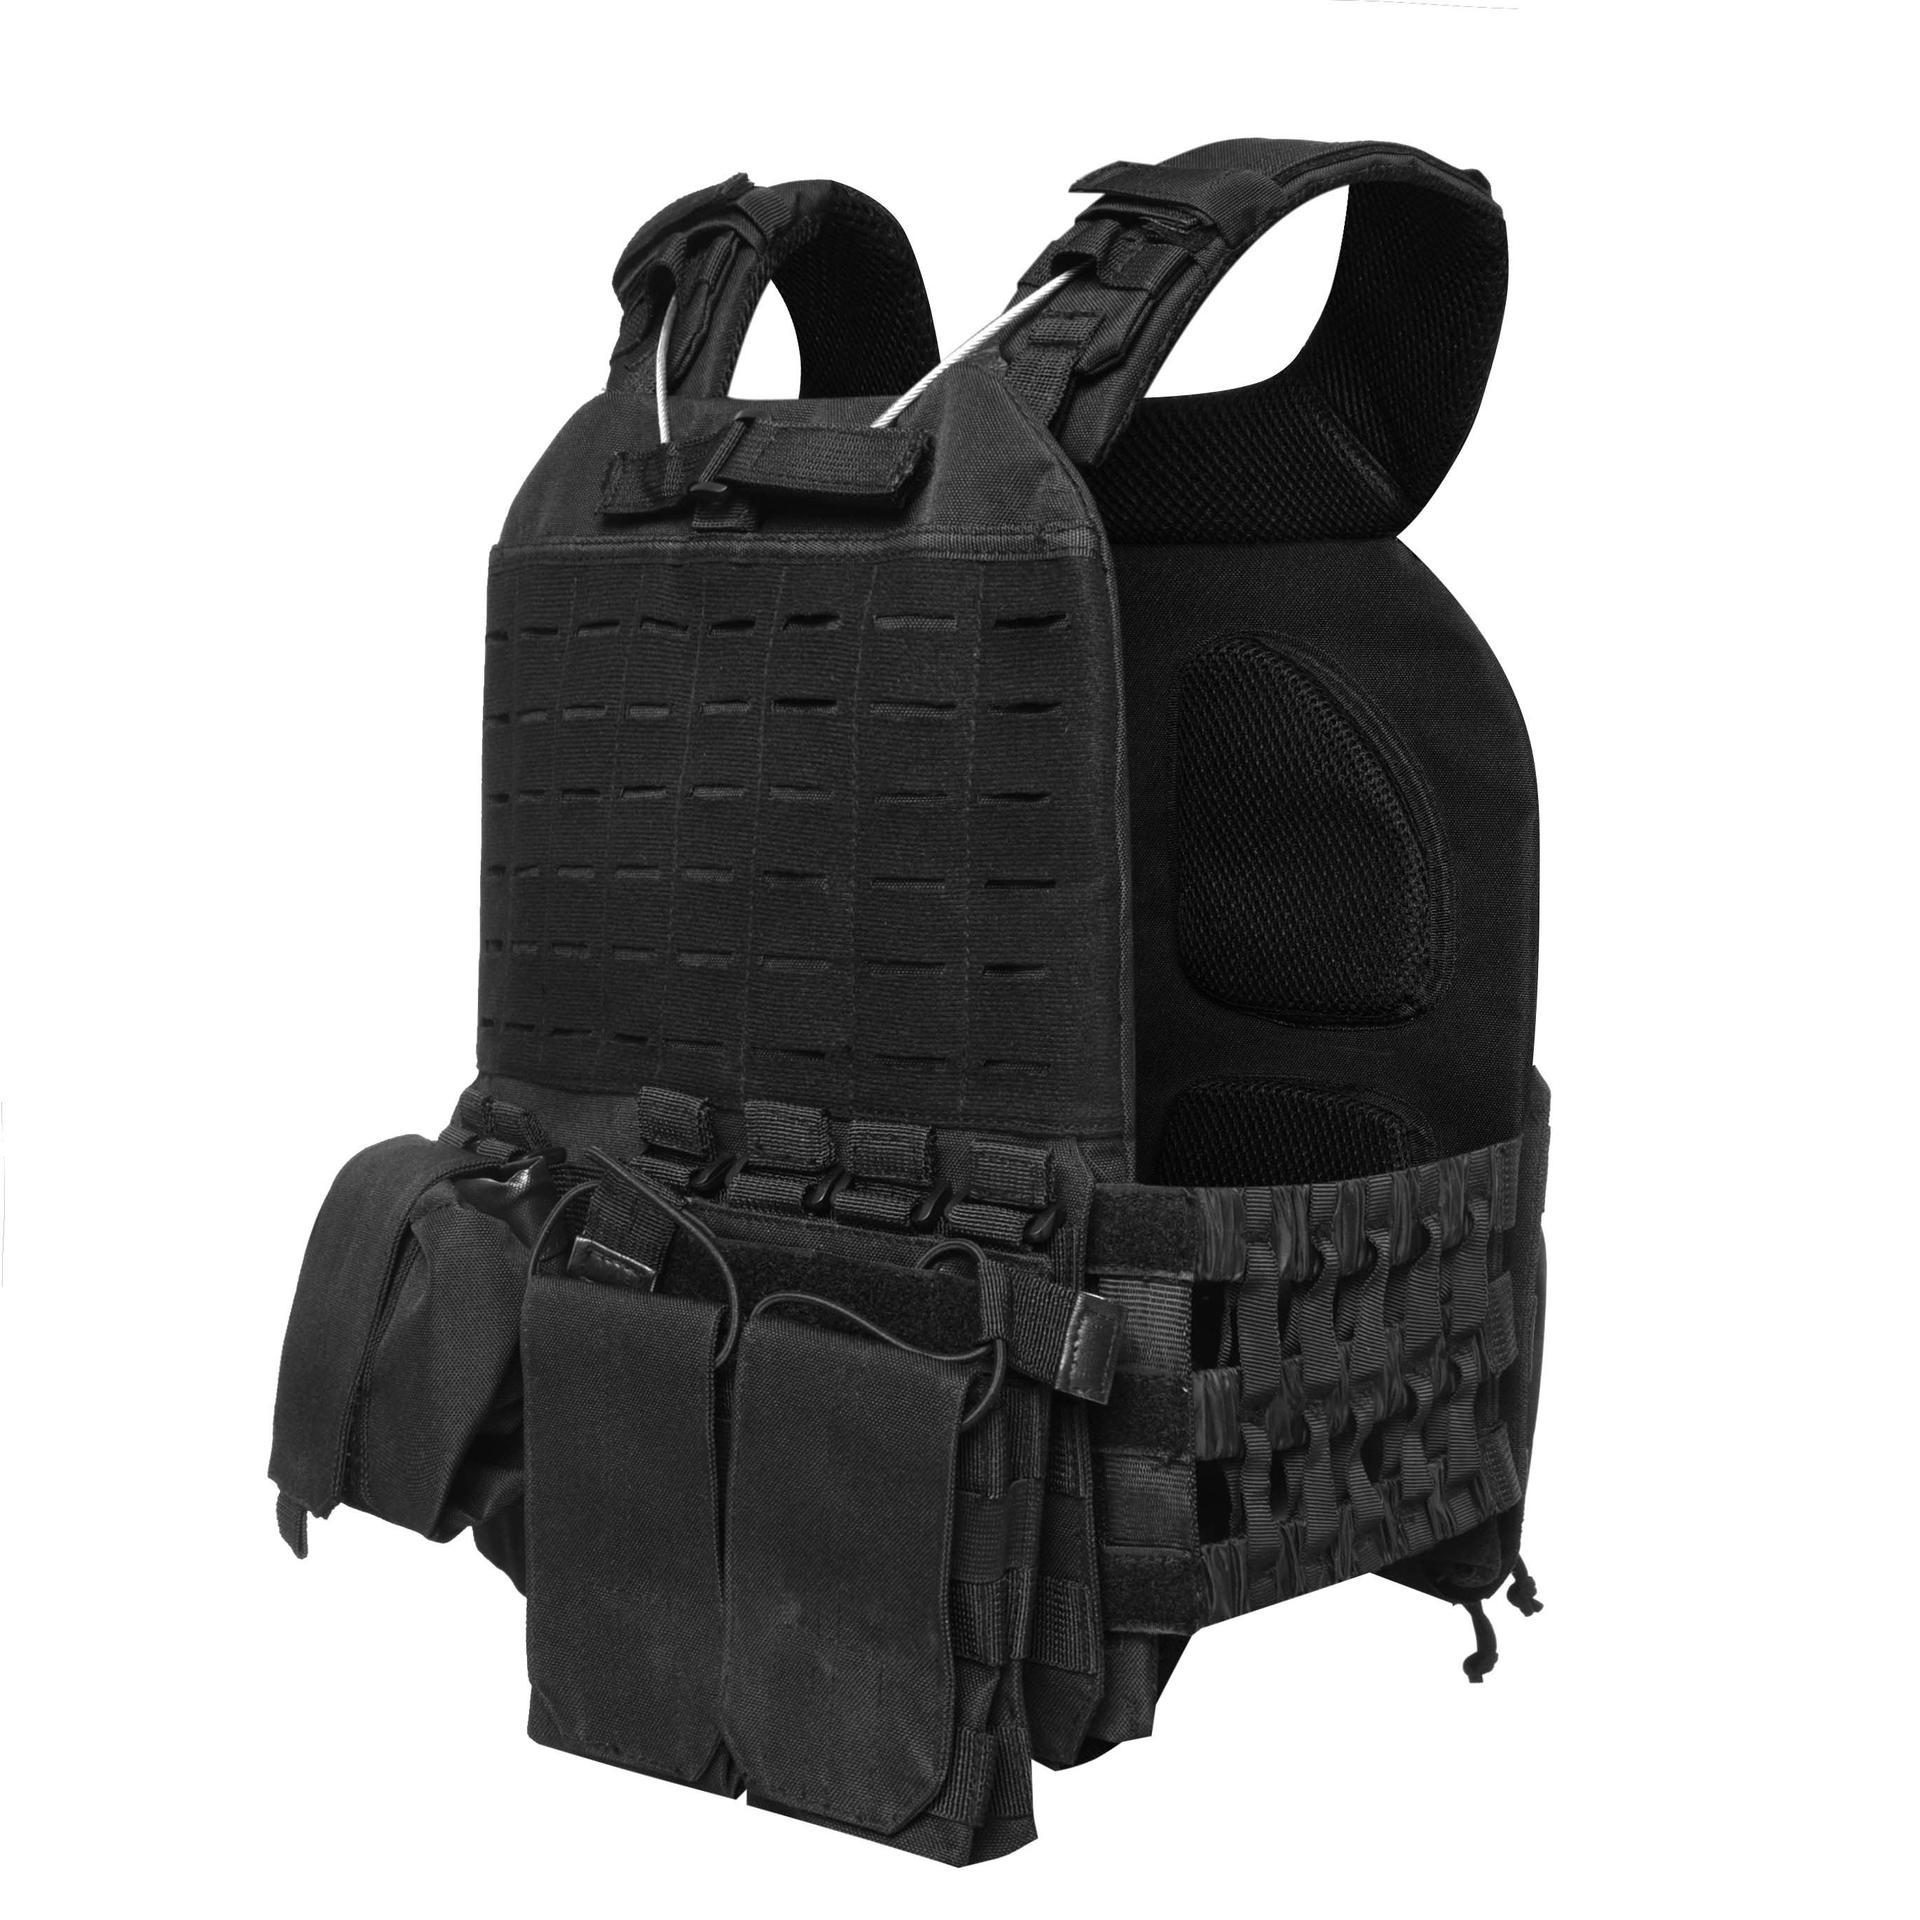 600D Polyester Oxford Black Tactical Vest Bulletproof Plate Carrier TV01B